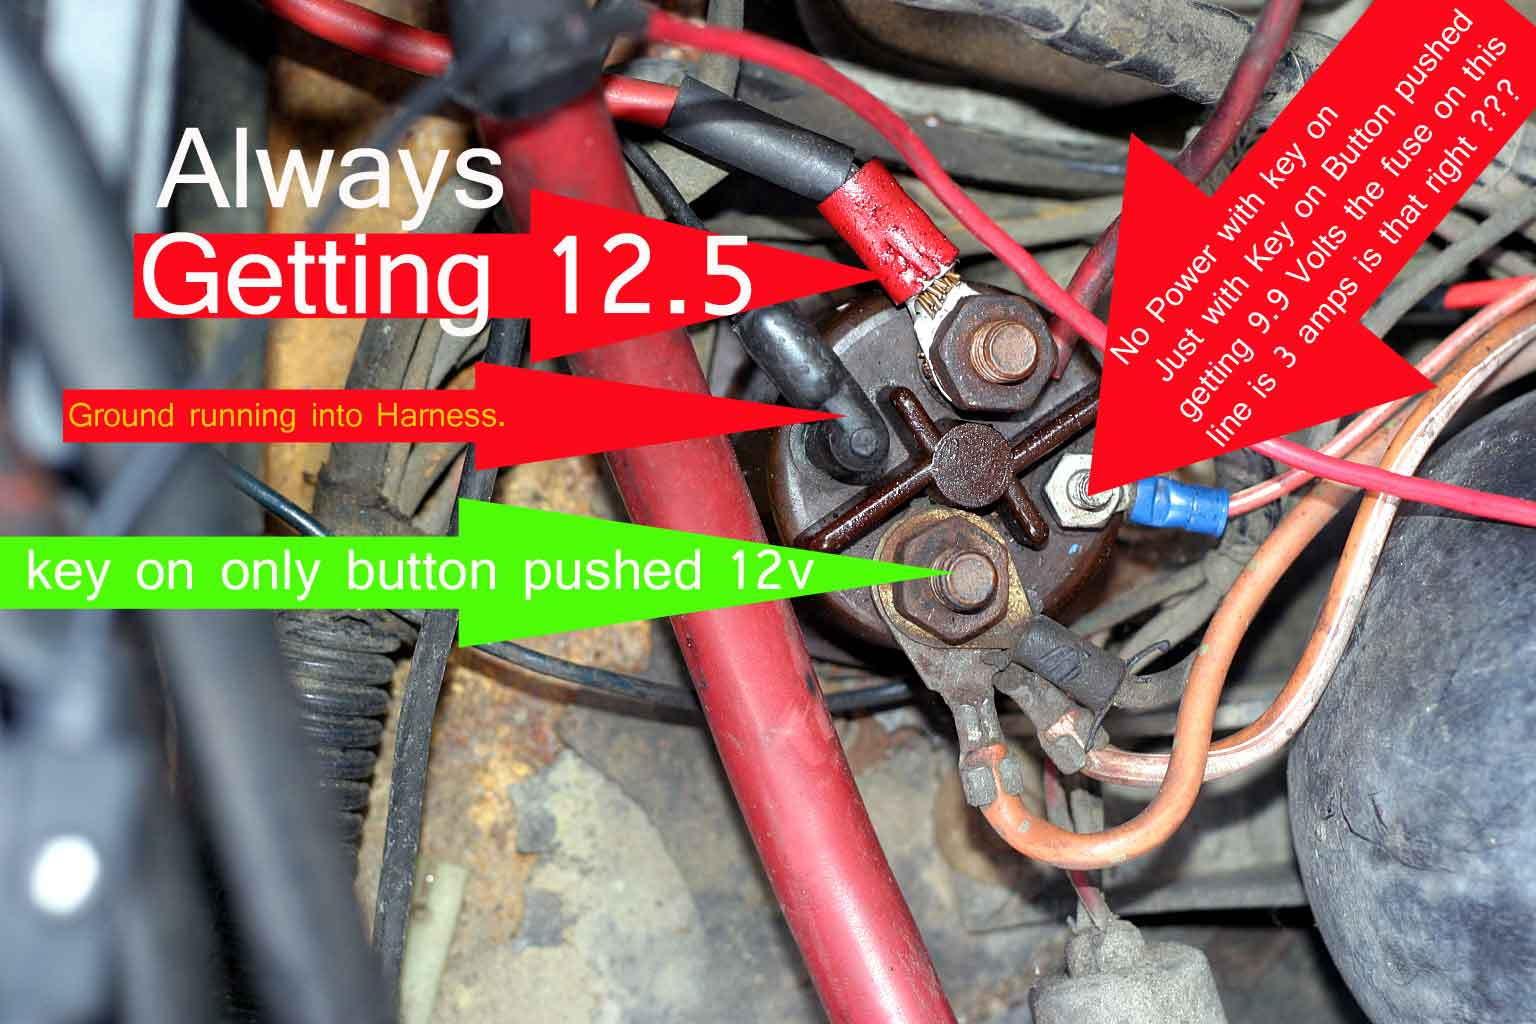 95 Ford 7 3 Glow Plug Relay Wiring | 2019 Ebook Liry  Ford Powerstroke Glow Plug Relay Wiring on